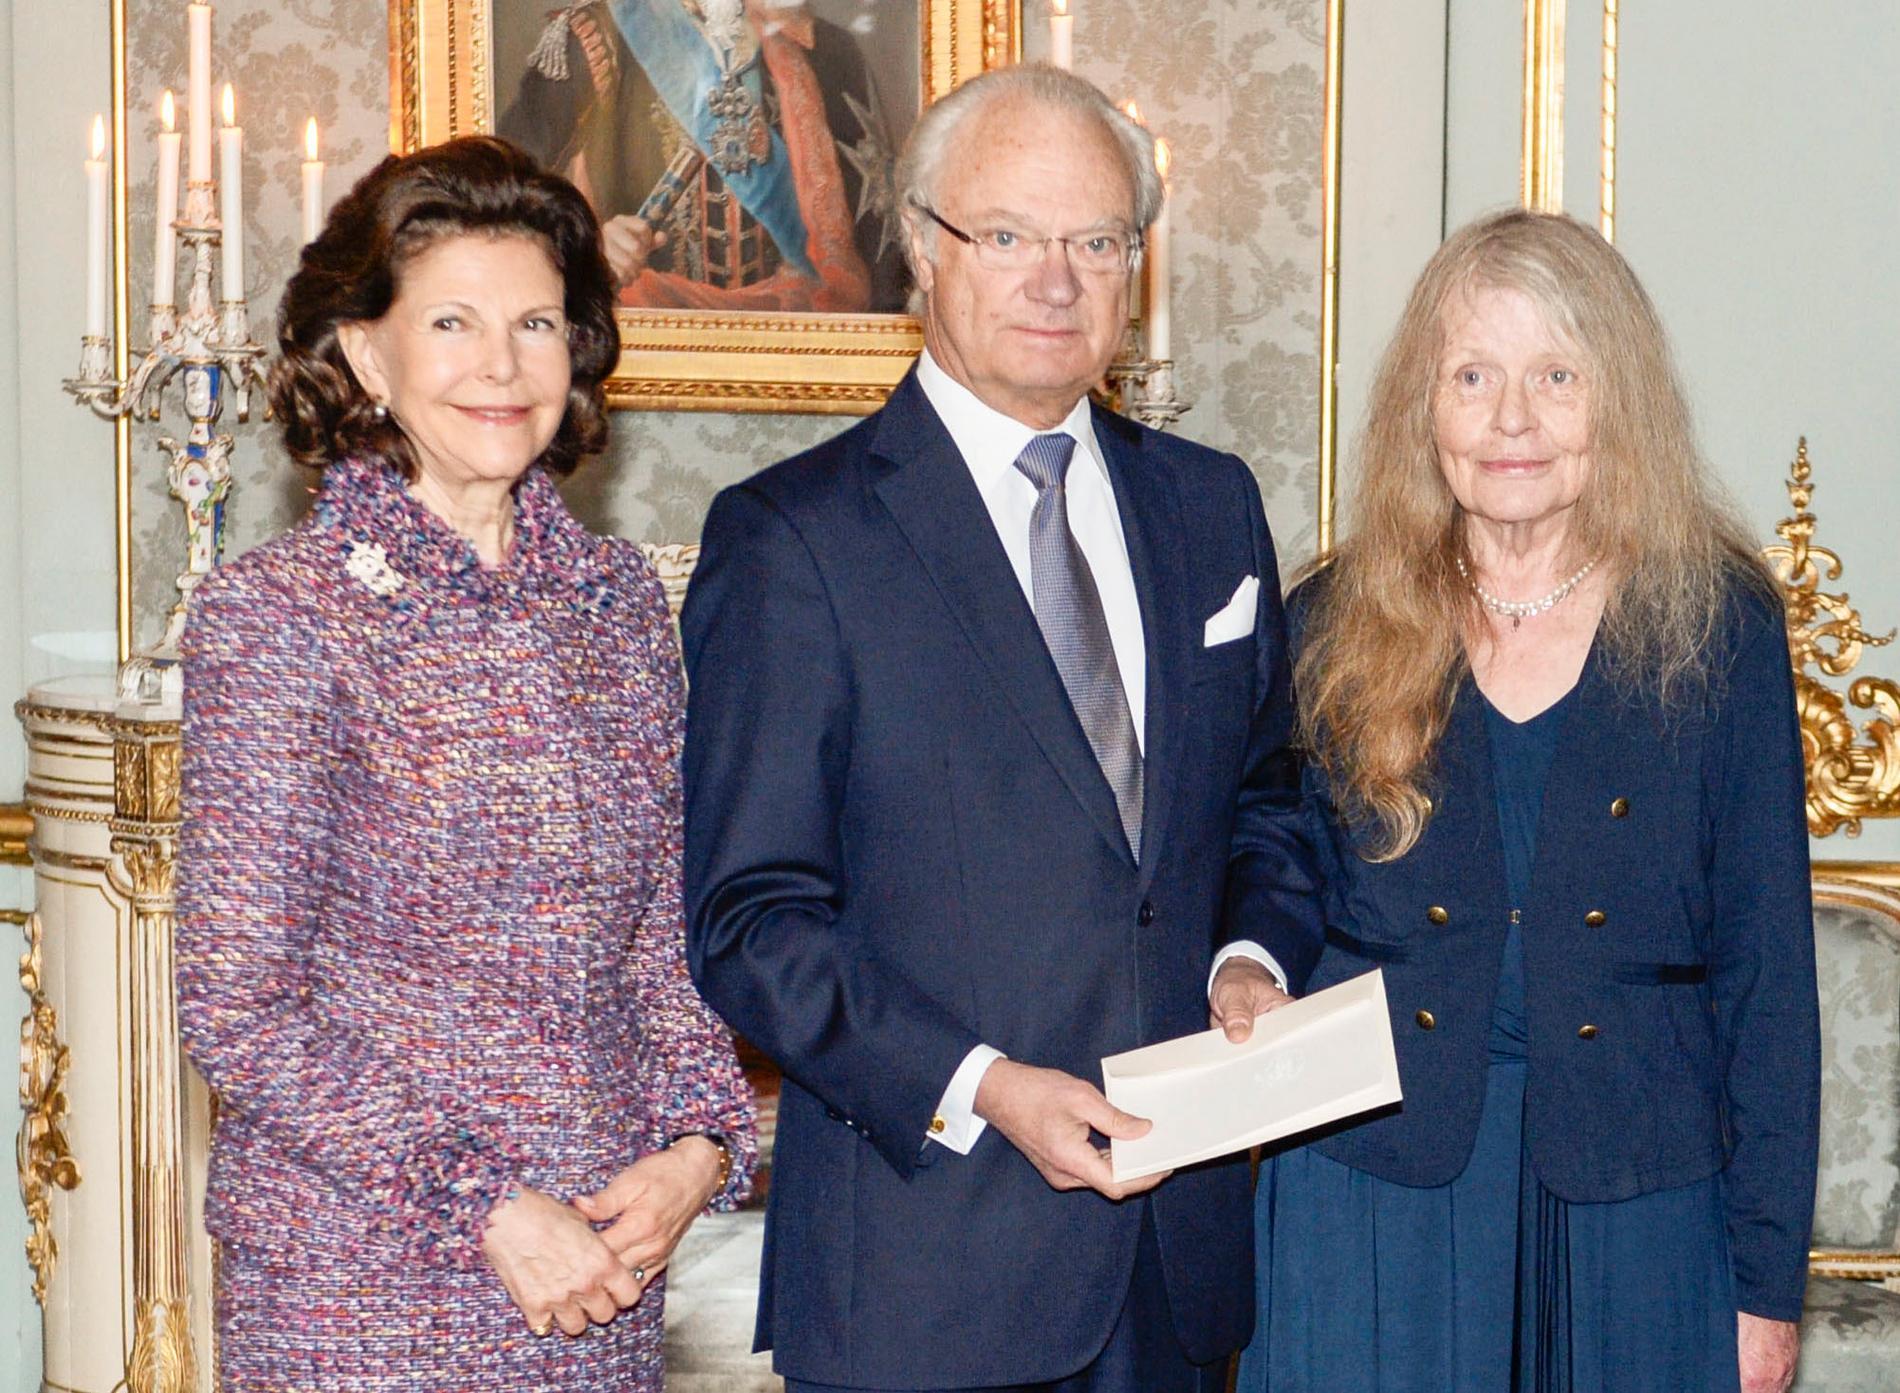 Drottningen, kungen och Kristina Lugn.